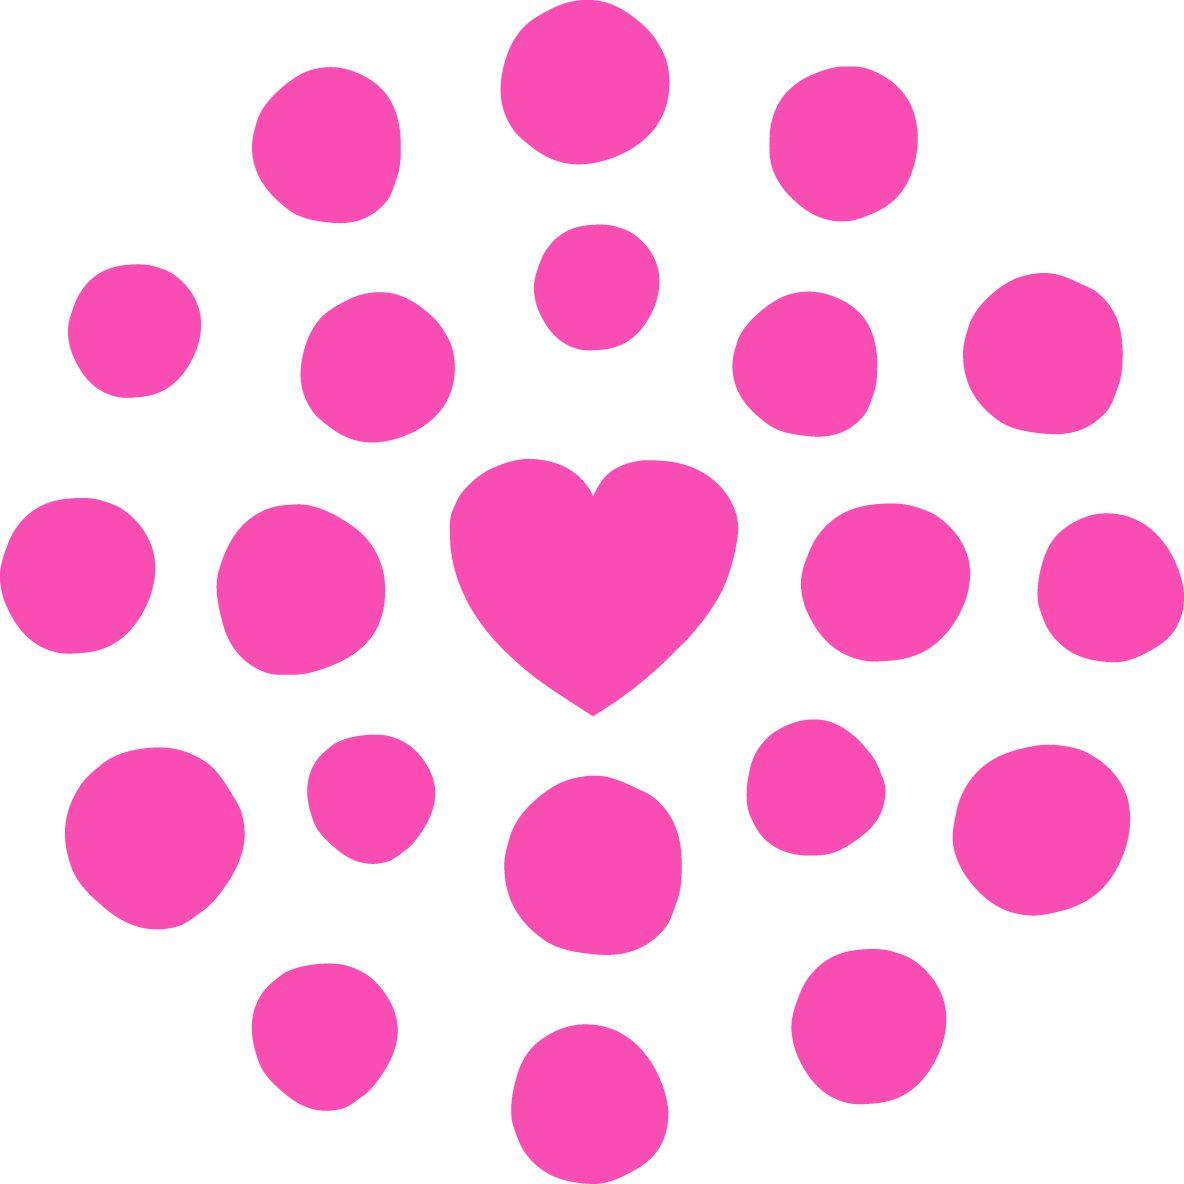 Lasten ja nuorten keskuksen liikemerkki, jossa eri kokoisia palloja kahdessa kehässä sydämen ympärillä.